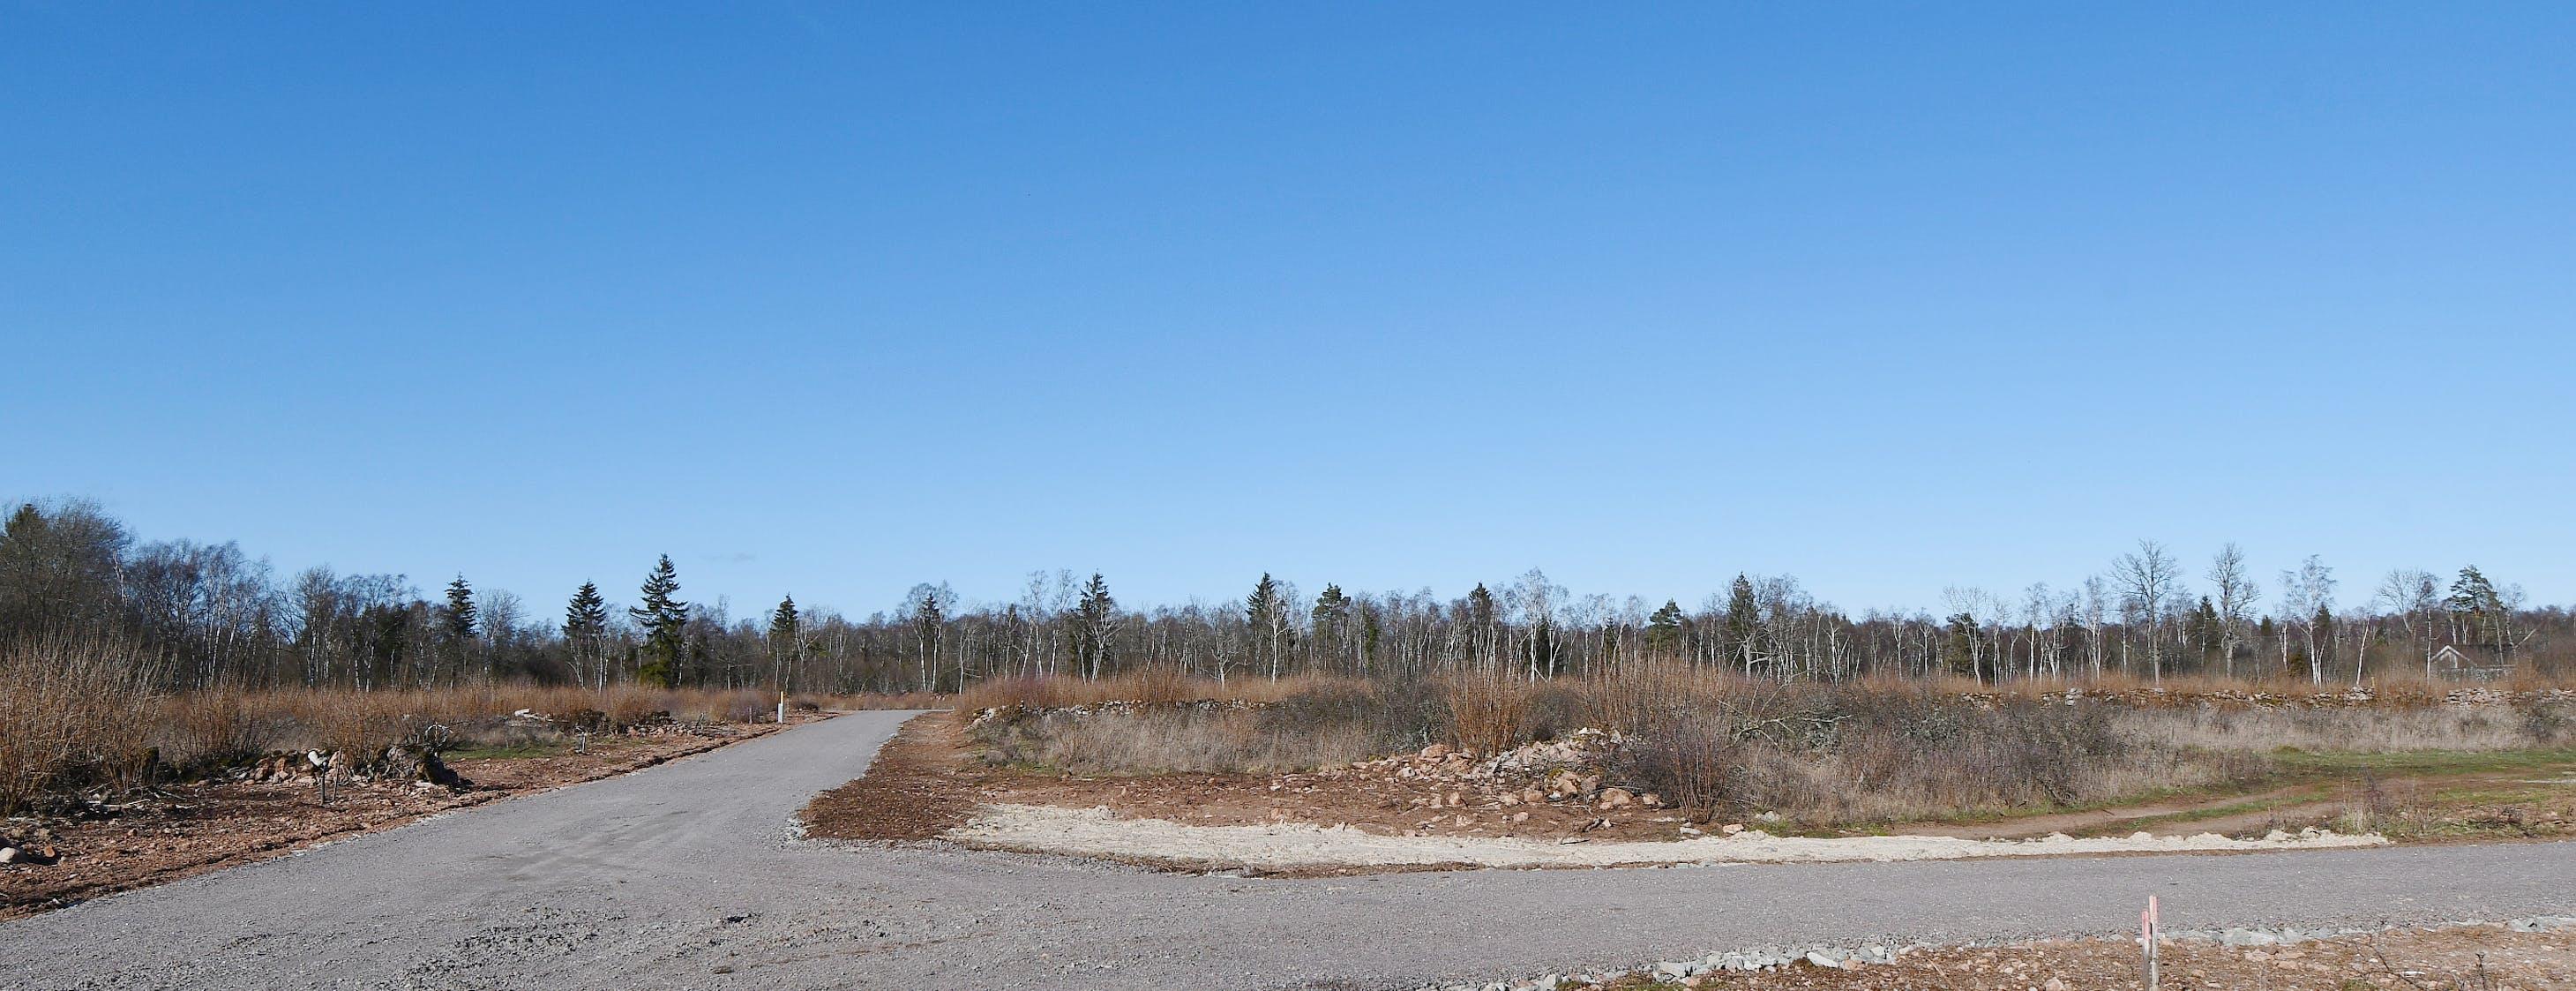 Trutvägen - 1:168 Tveta - Truten